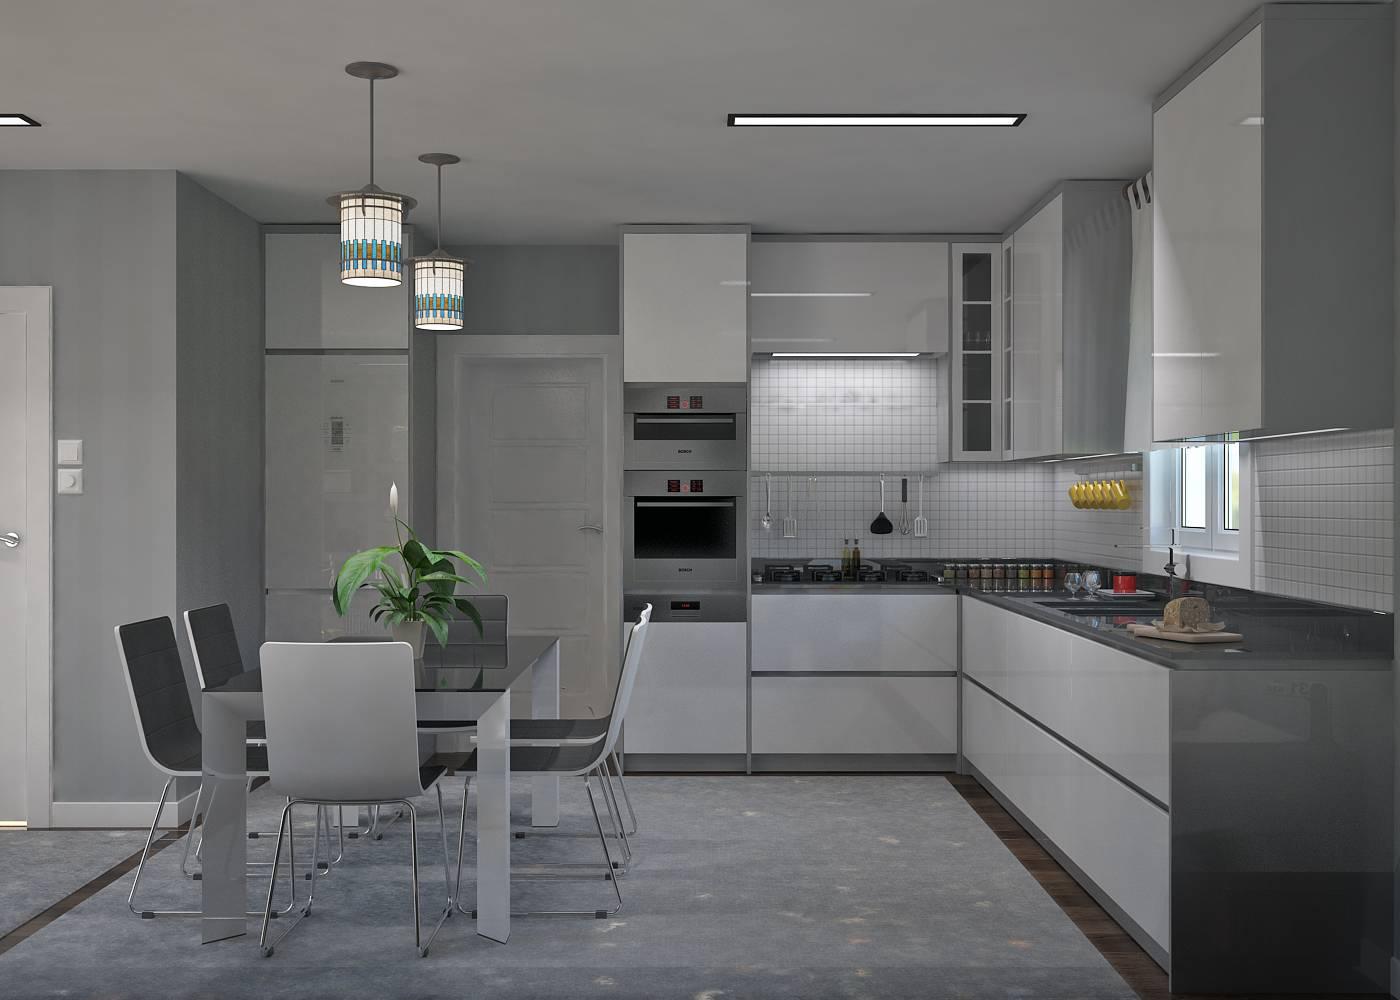 Modele d\'une petite cuisine - Tout sur la cuisine et le mobilier cuisine